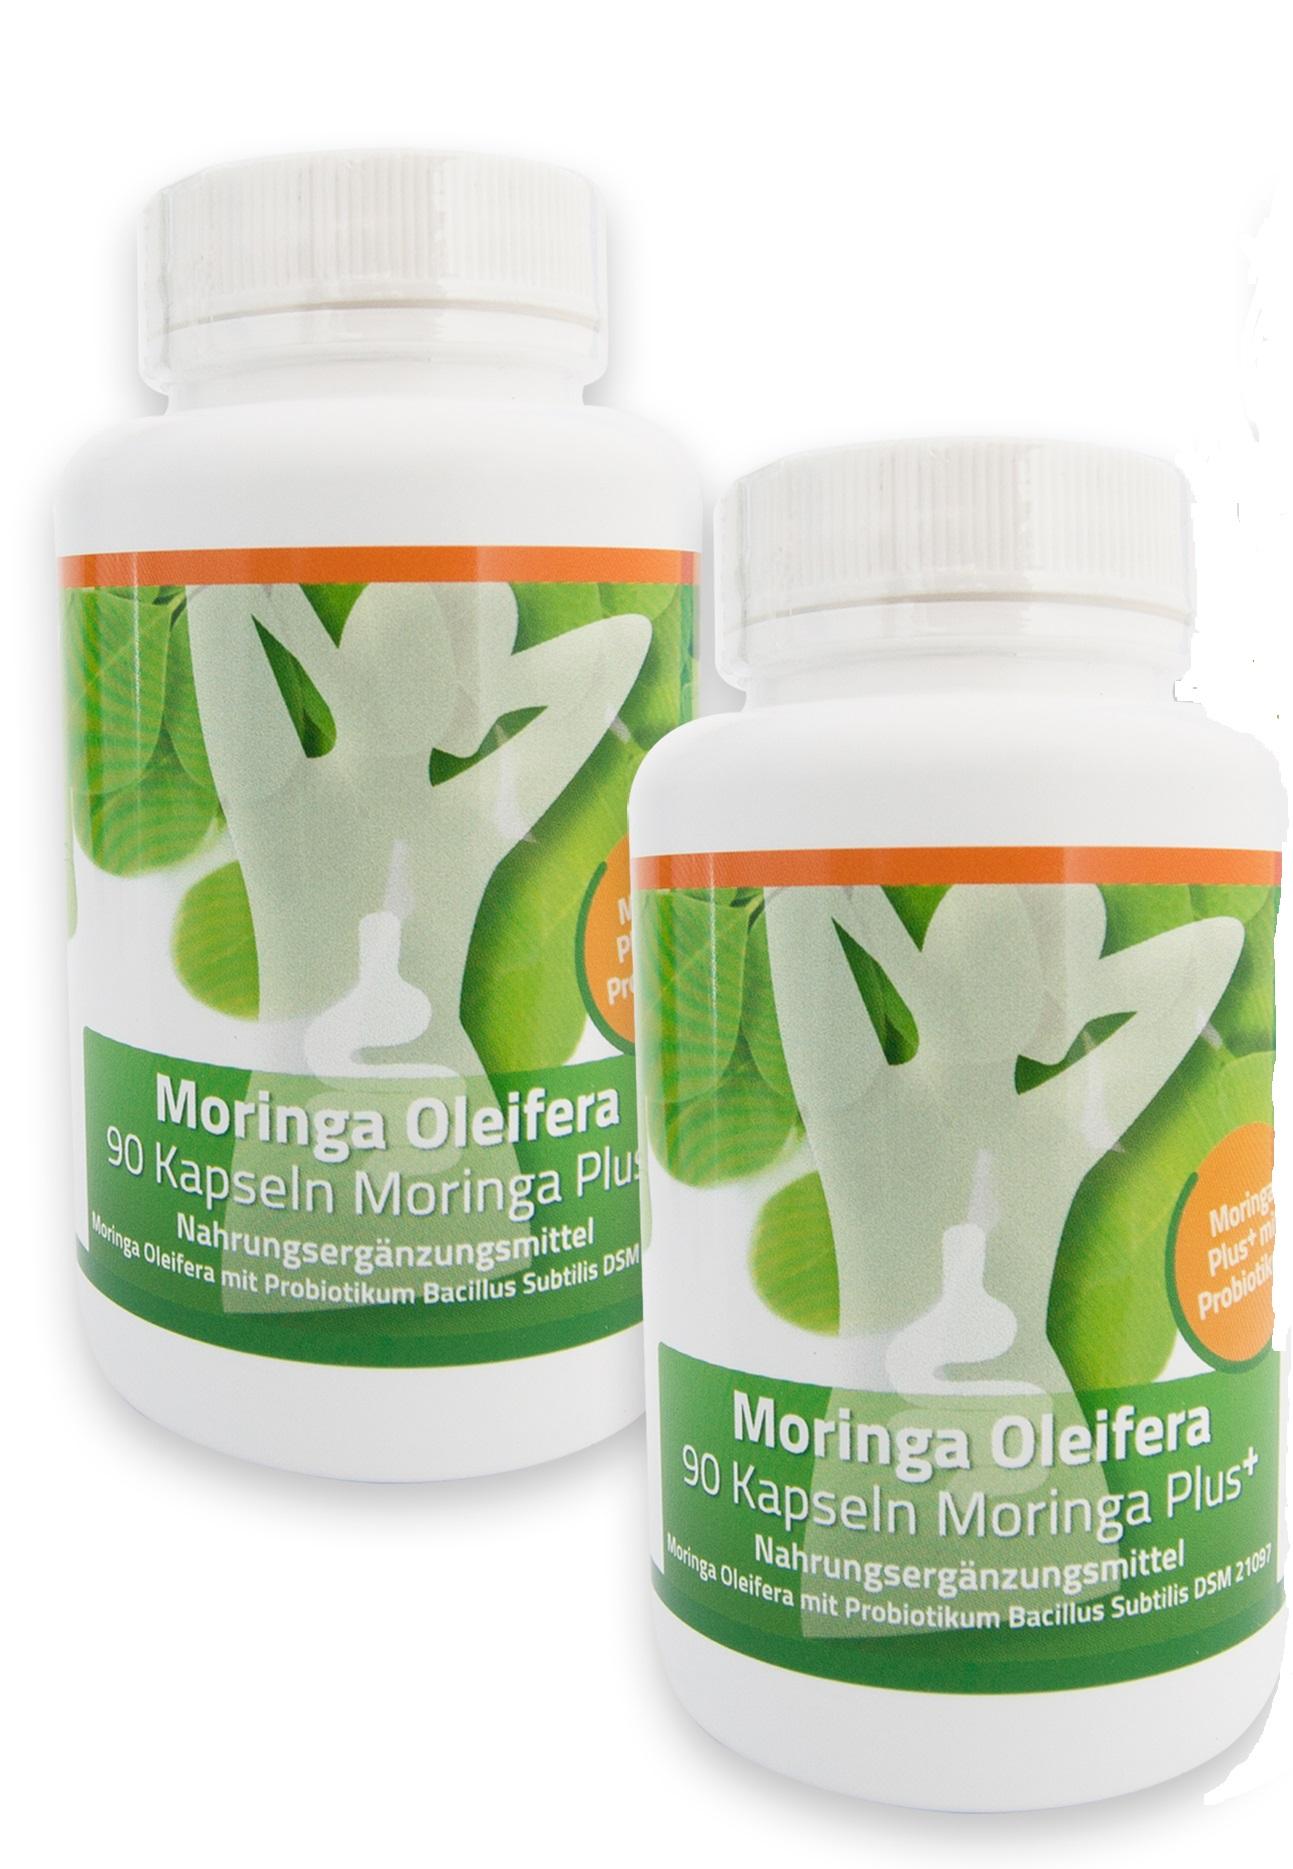 Moringa + probiotikum Bacillus subtilis DSM 21097, 2 X kapsle pro zdravá střeva